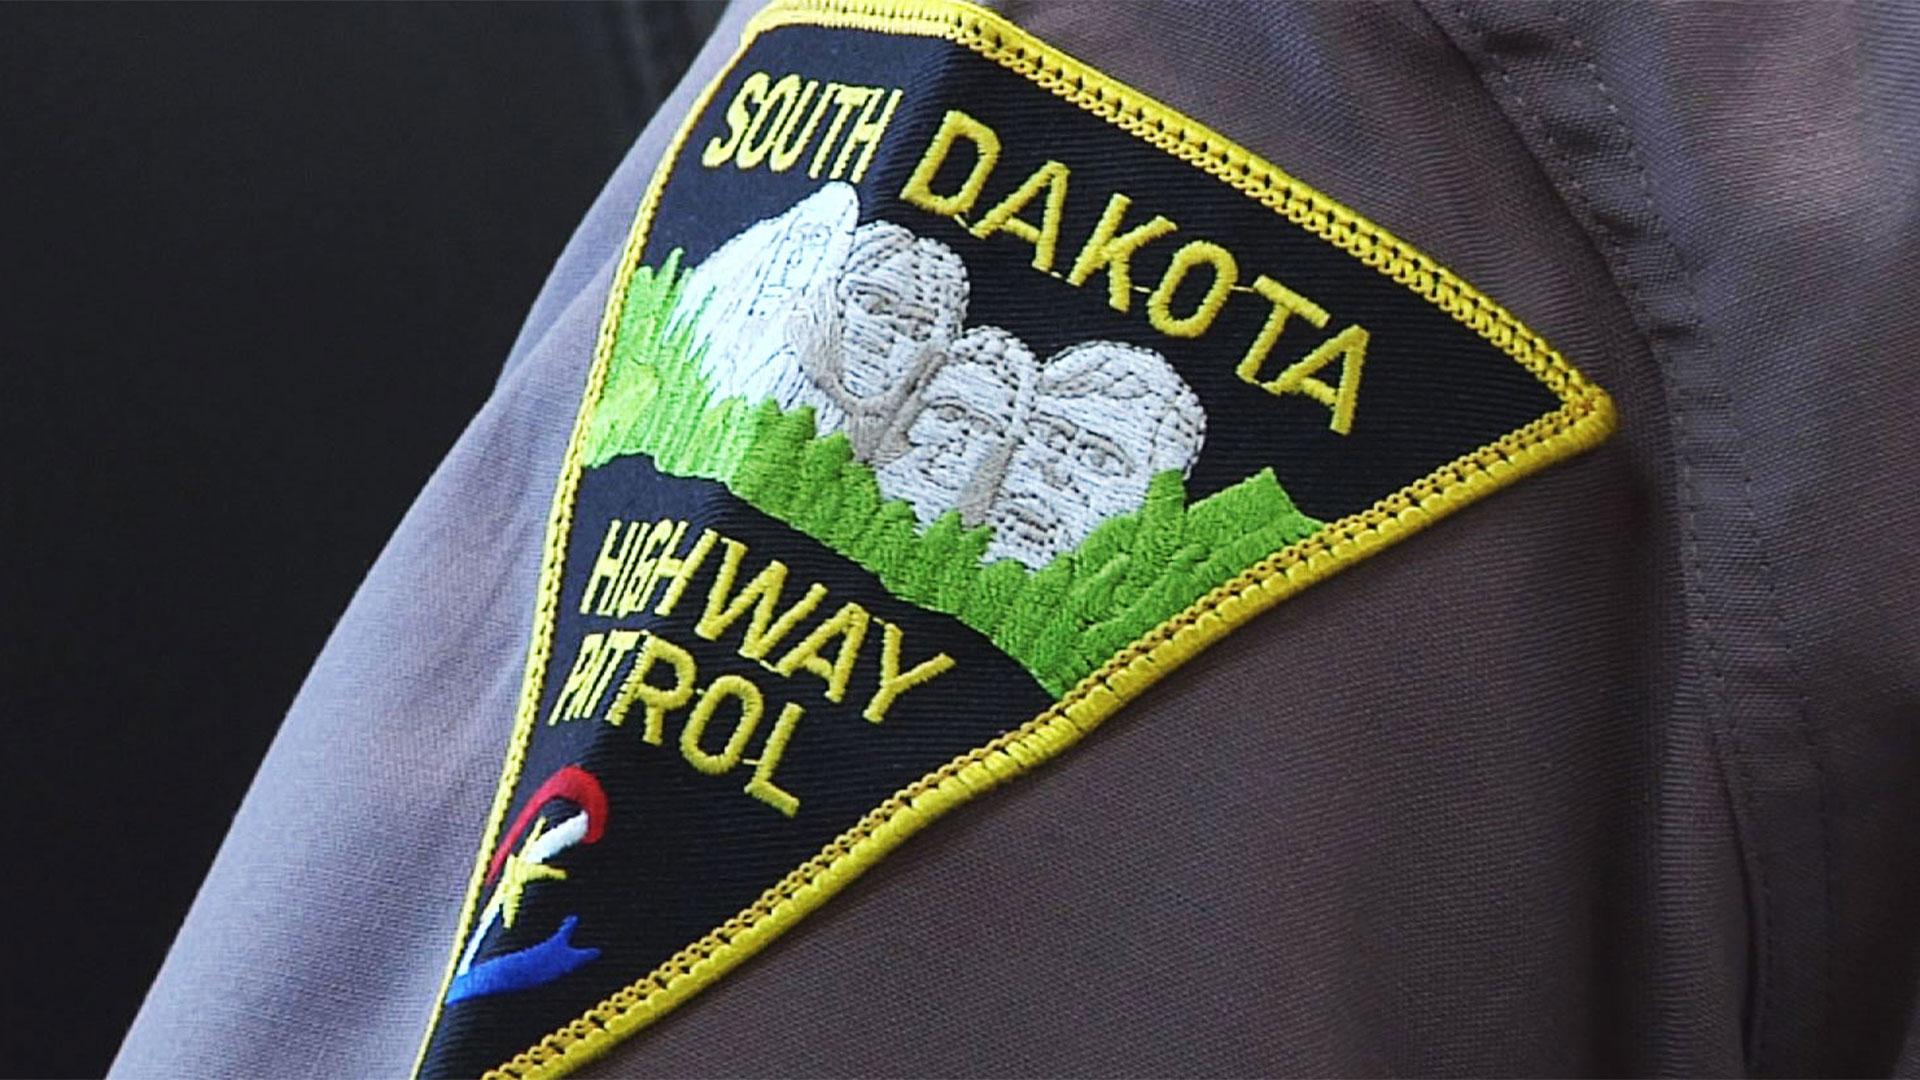 KELO South Dakota Highway Patrol trooper